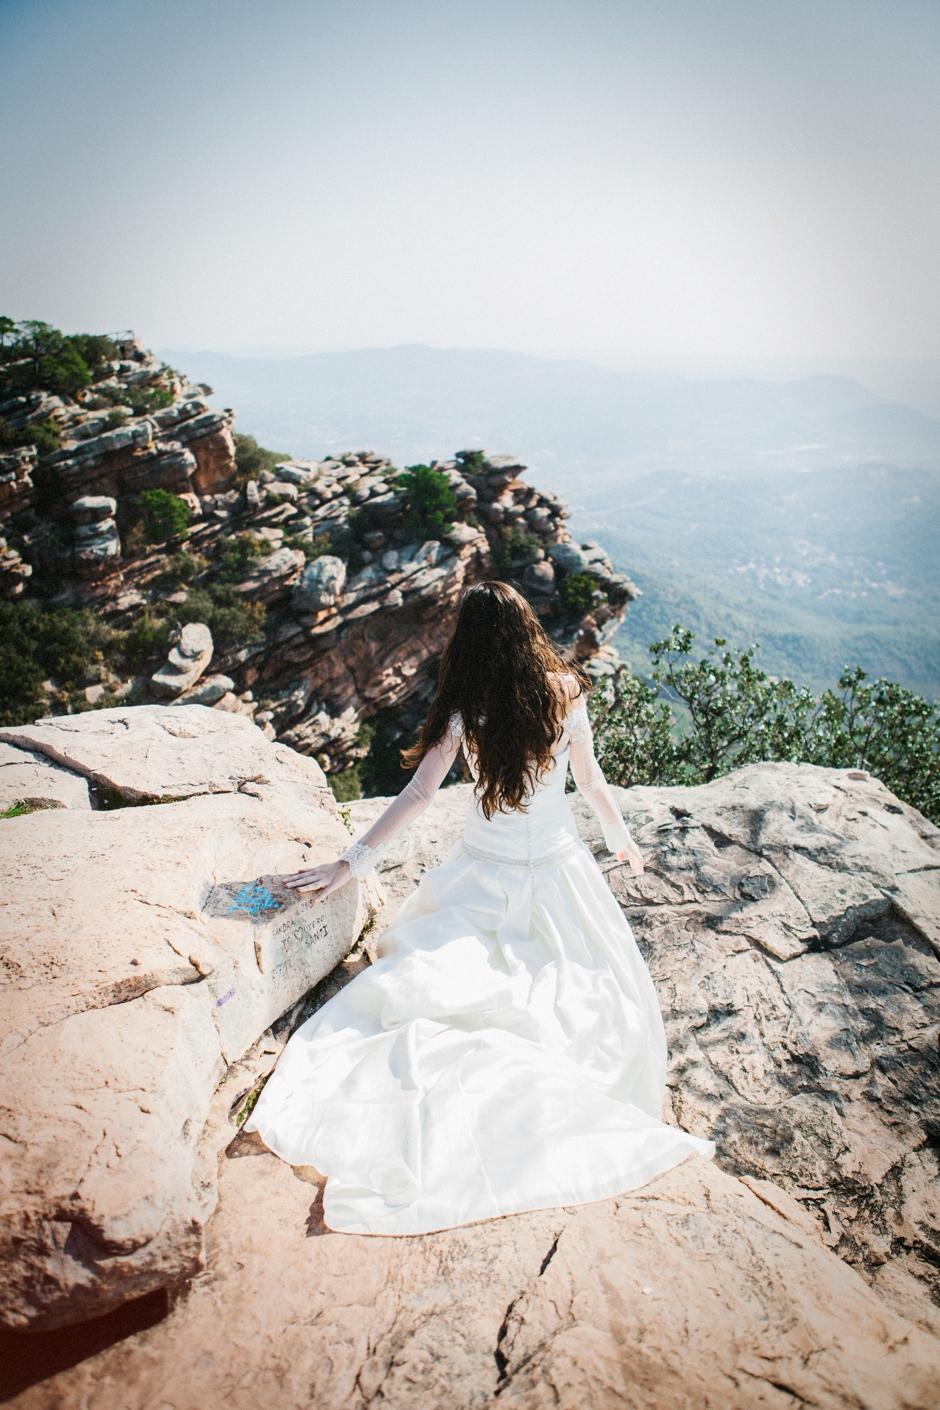 bodafilms-fotografo-de-boda-en-valencia-sevilla-mallorca-alicante-jose-caballero-preboda10.jpg